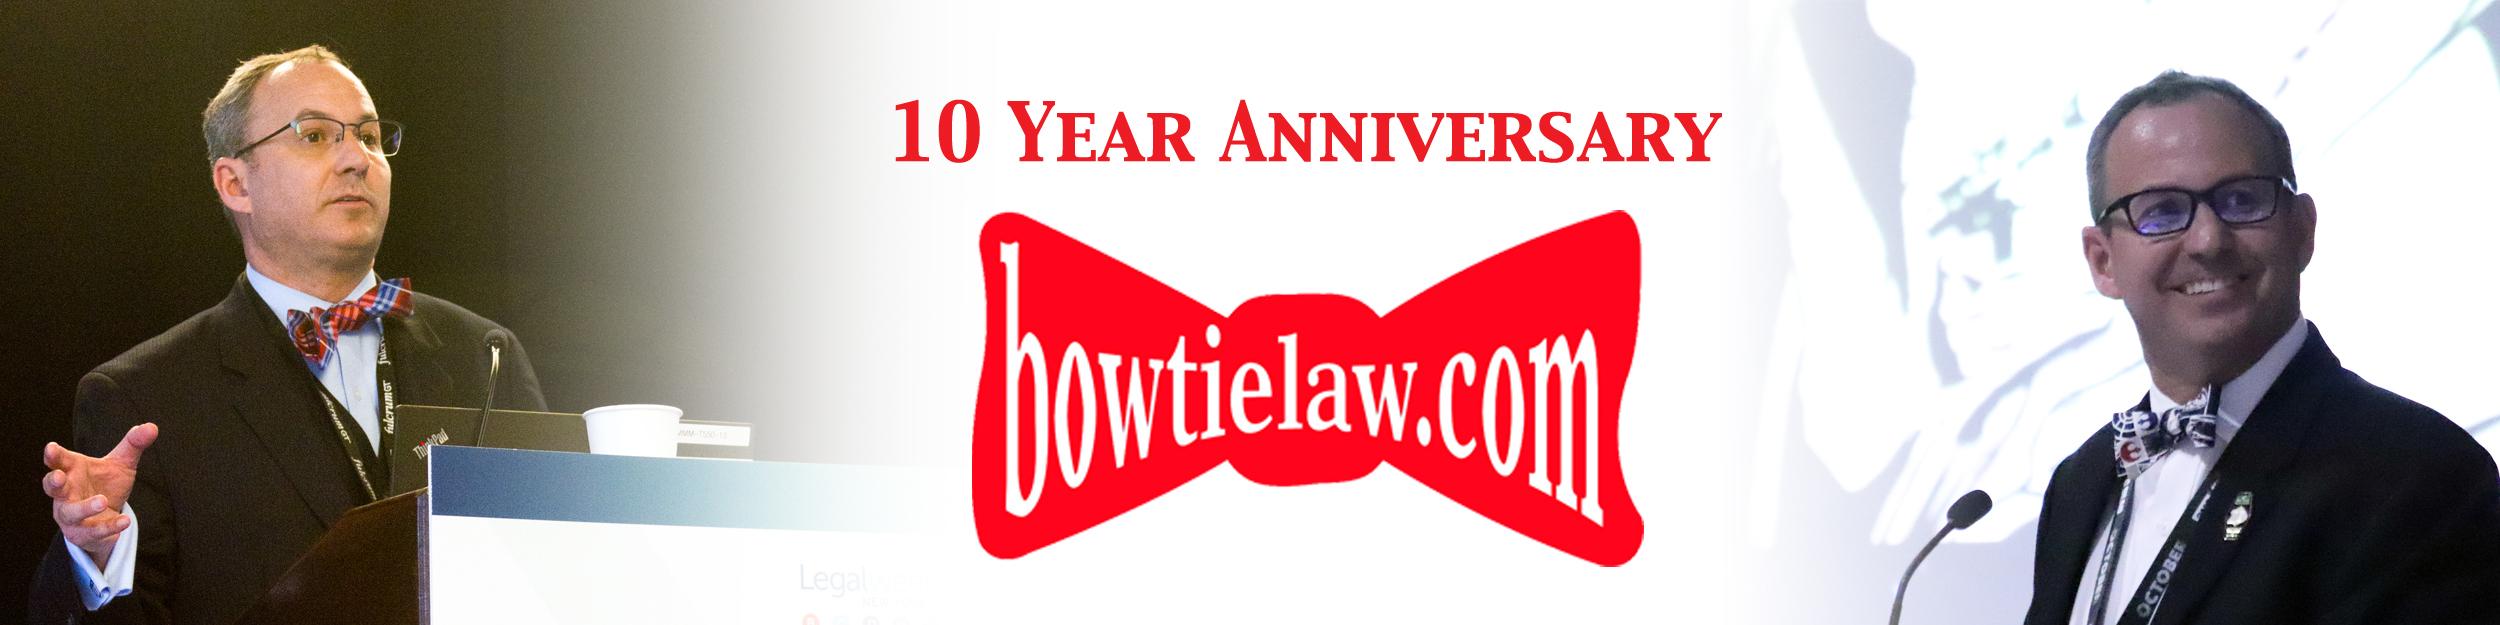 Bow Tie Law